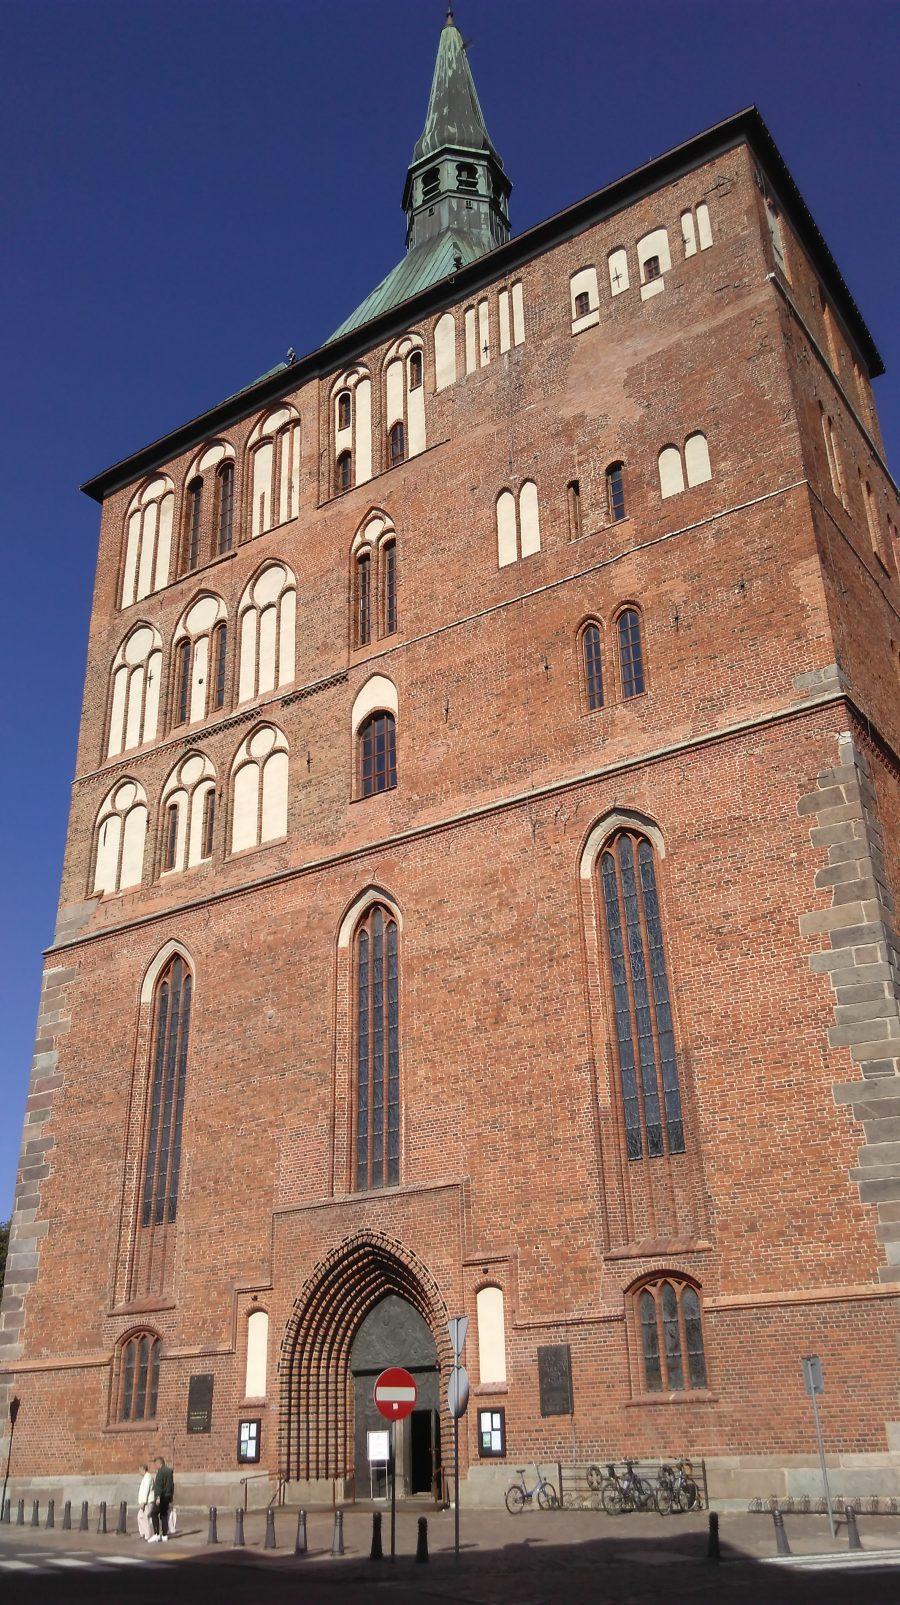 Bazylika konkatedralna Wniebowzięcia Najświętszej Maryi Panny w Kołobrzegu